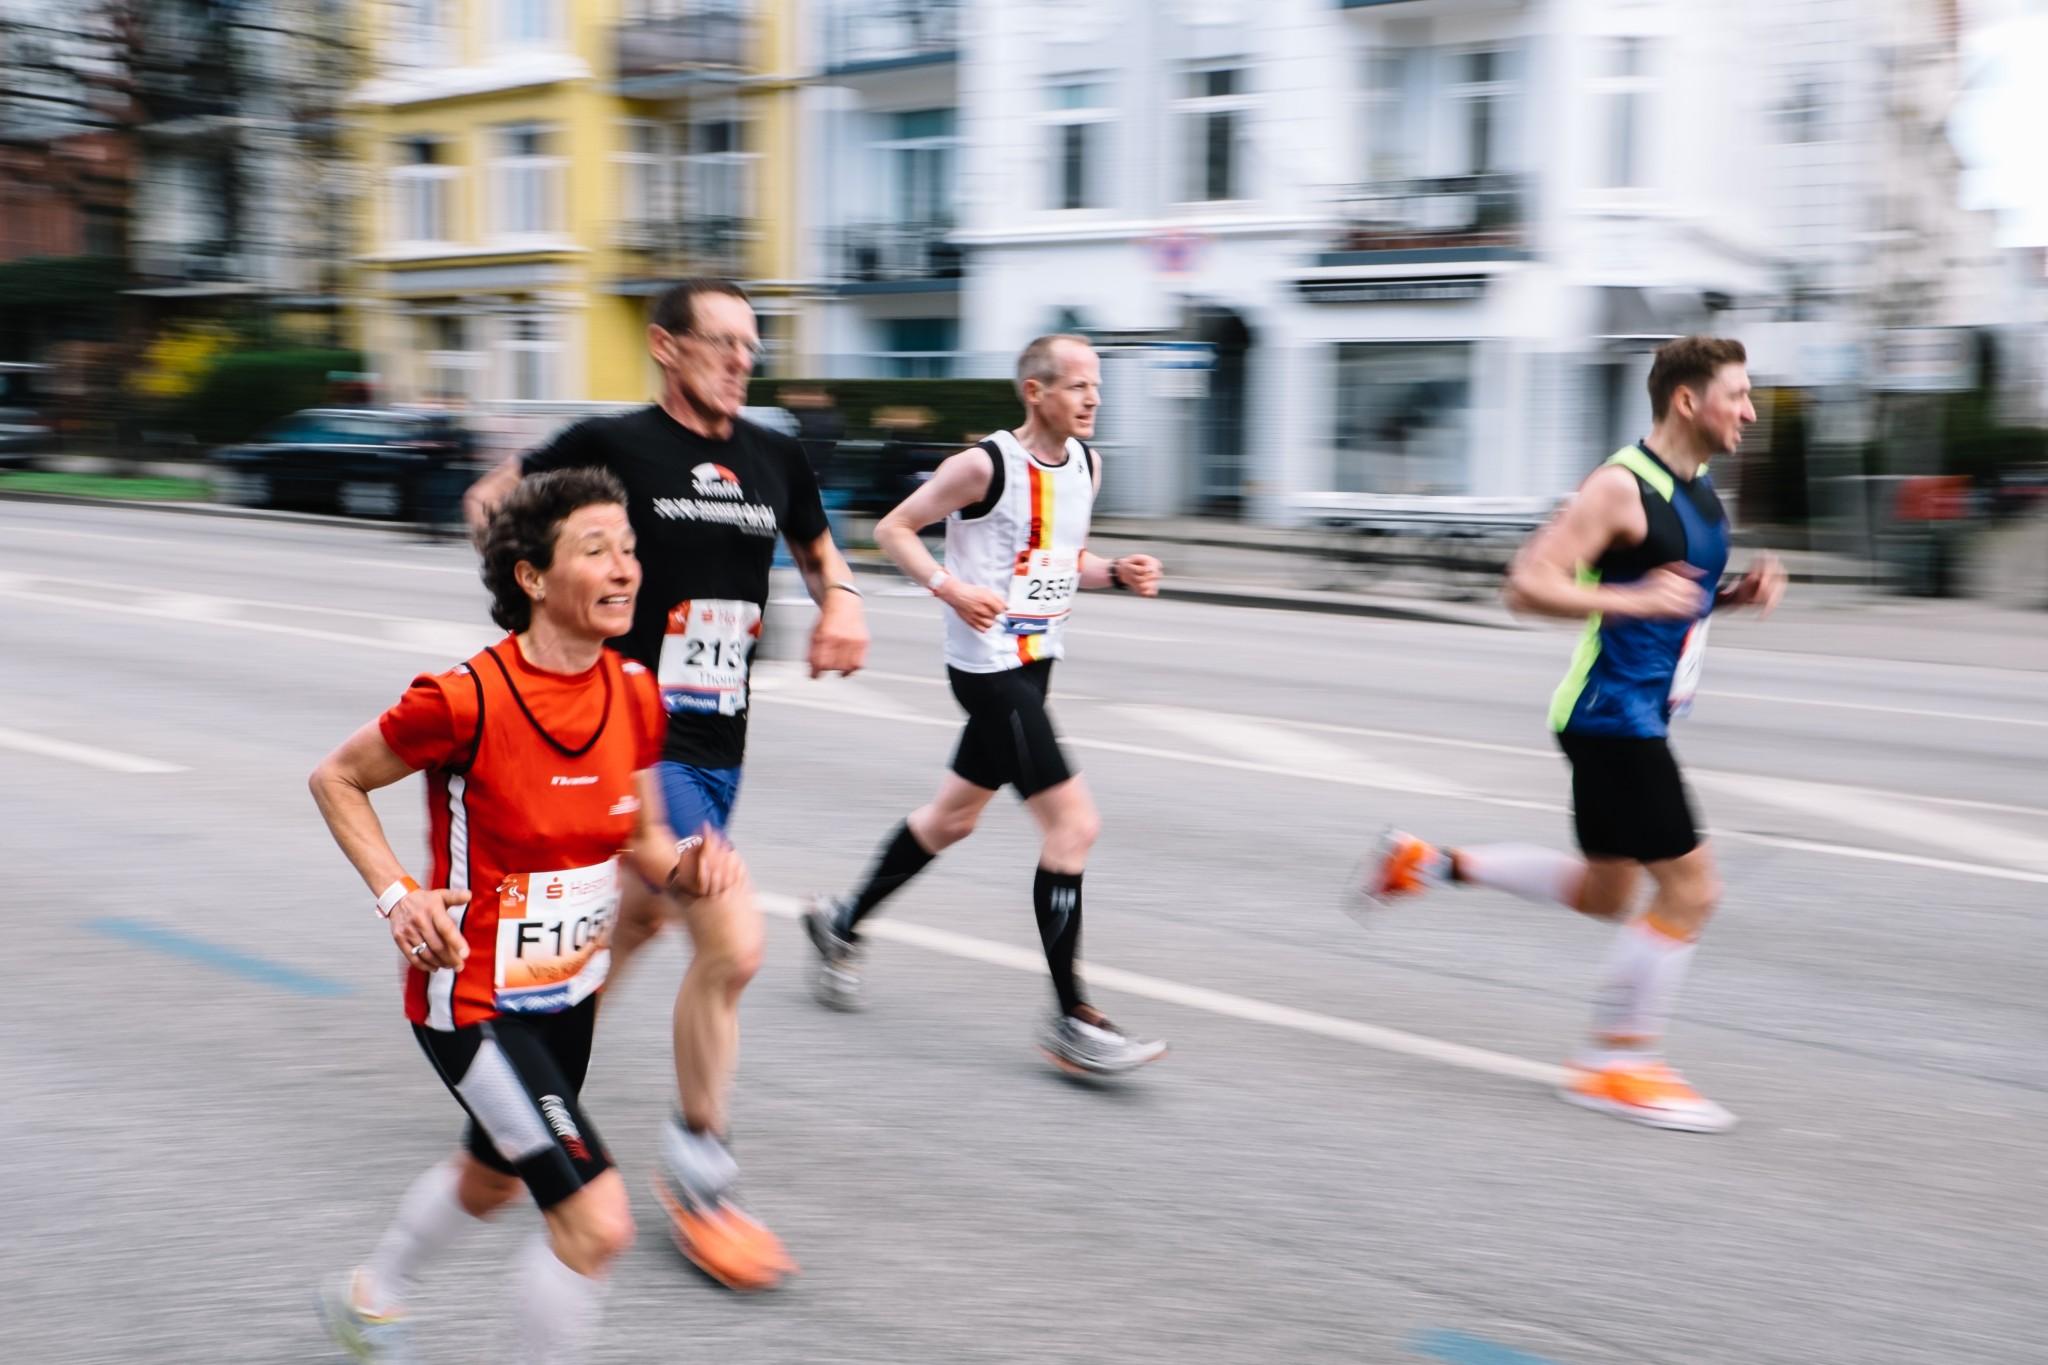 haspamarathon20162